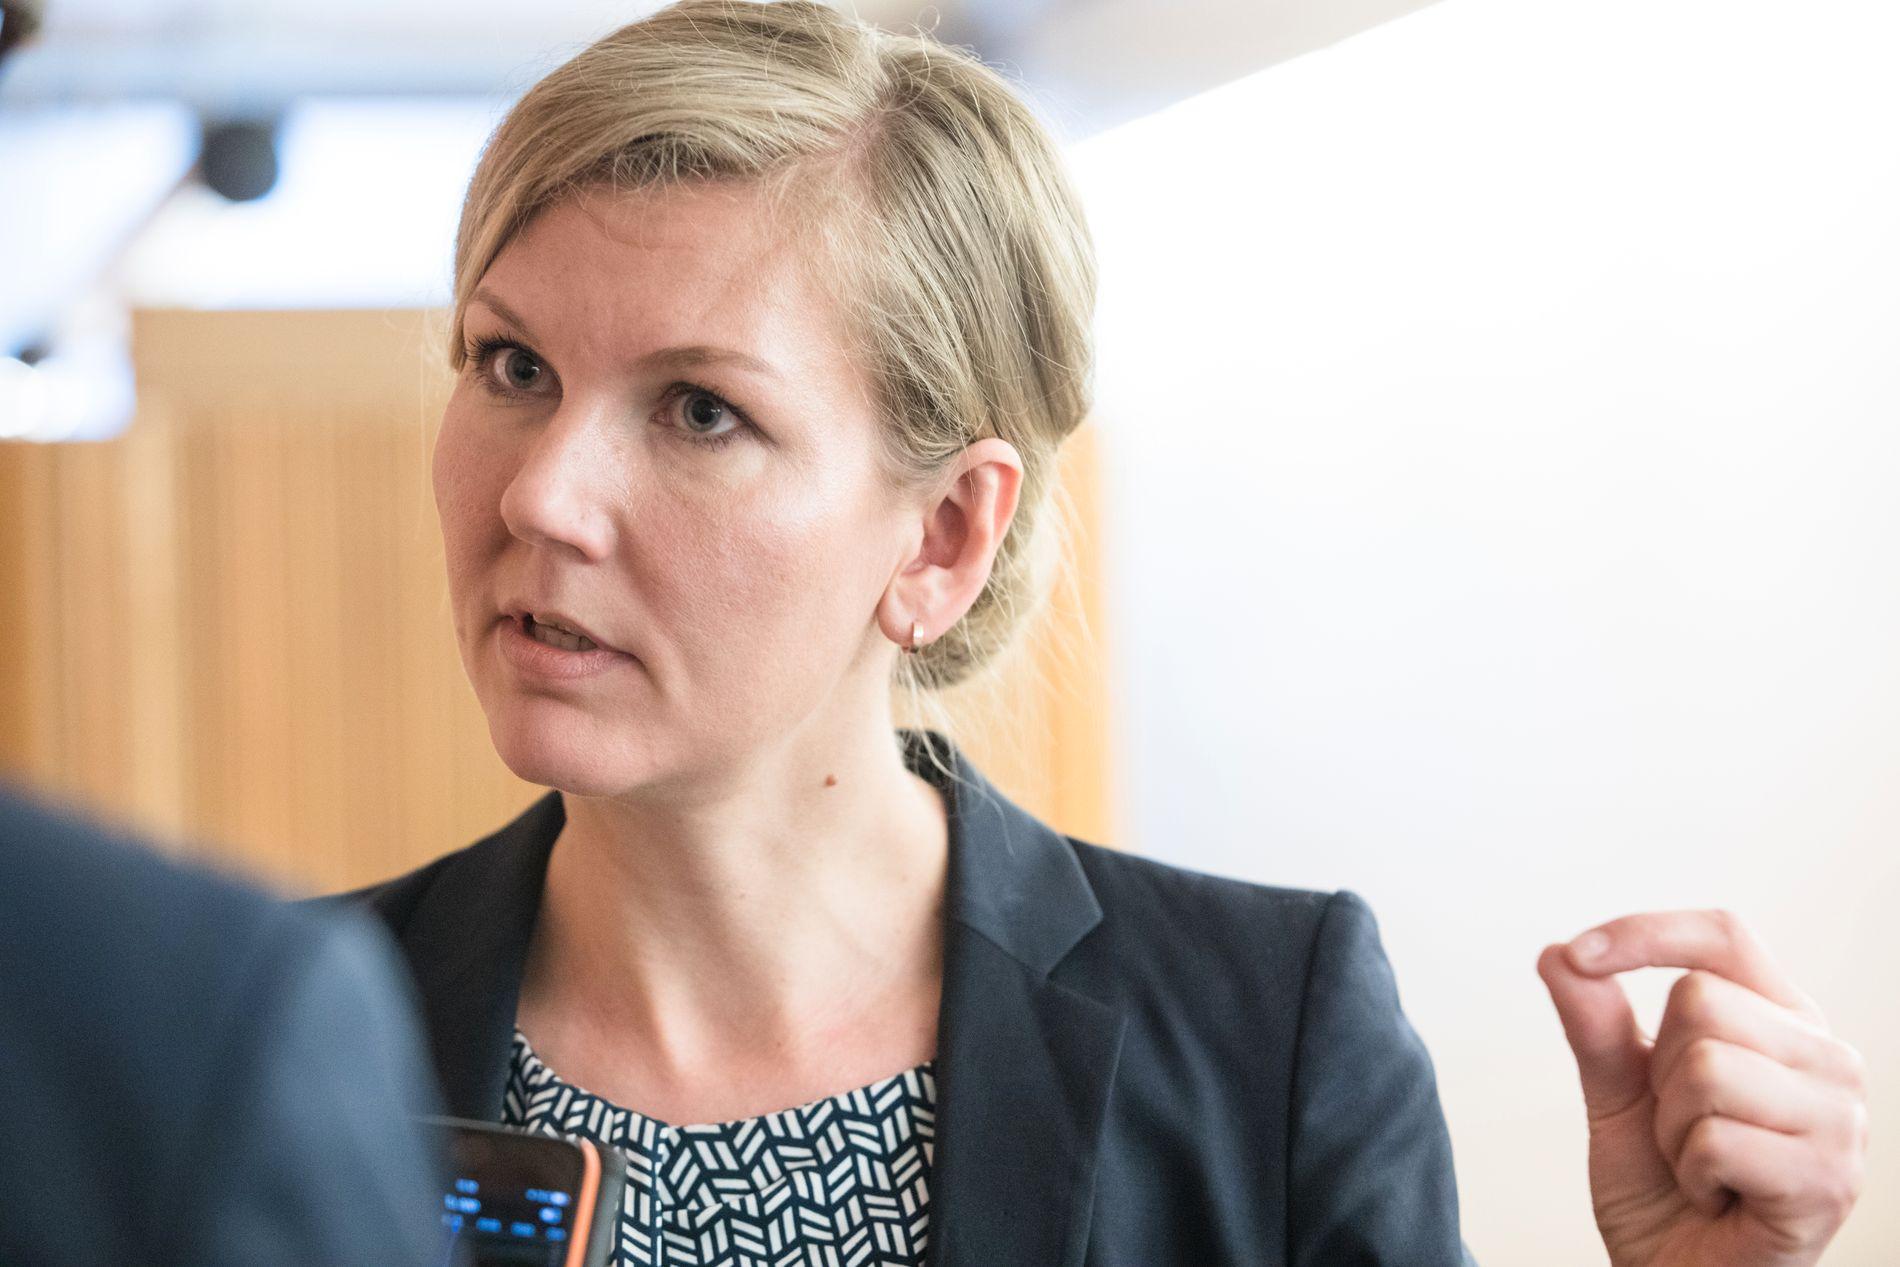 HVEM BESTEMMER? Mener statsministeren at jeg selv skal få avgjøre om svangerskapet skal gjennomføres? spør Ap-politiker Marianne Marthinsen i et skriftlig spørsmål til statsminister Erna Solberg.